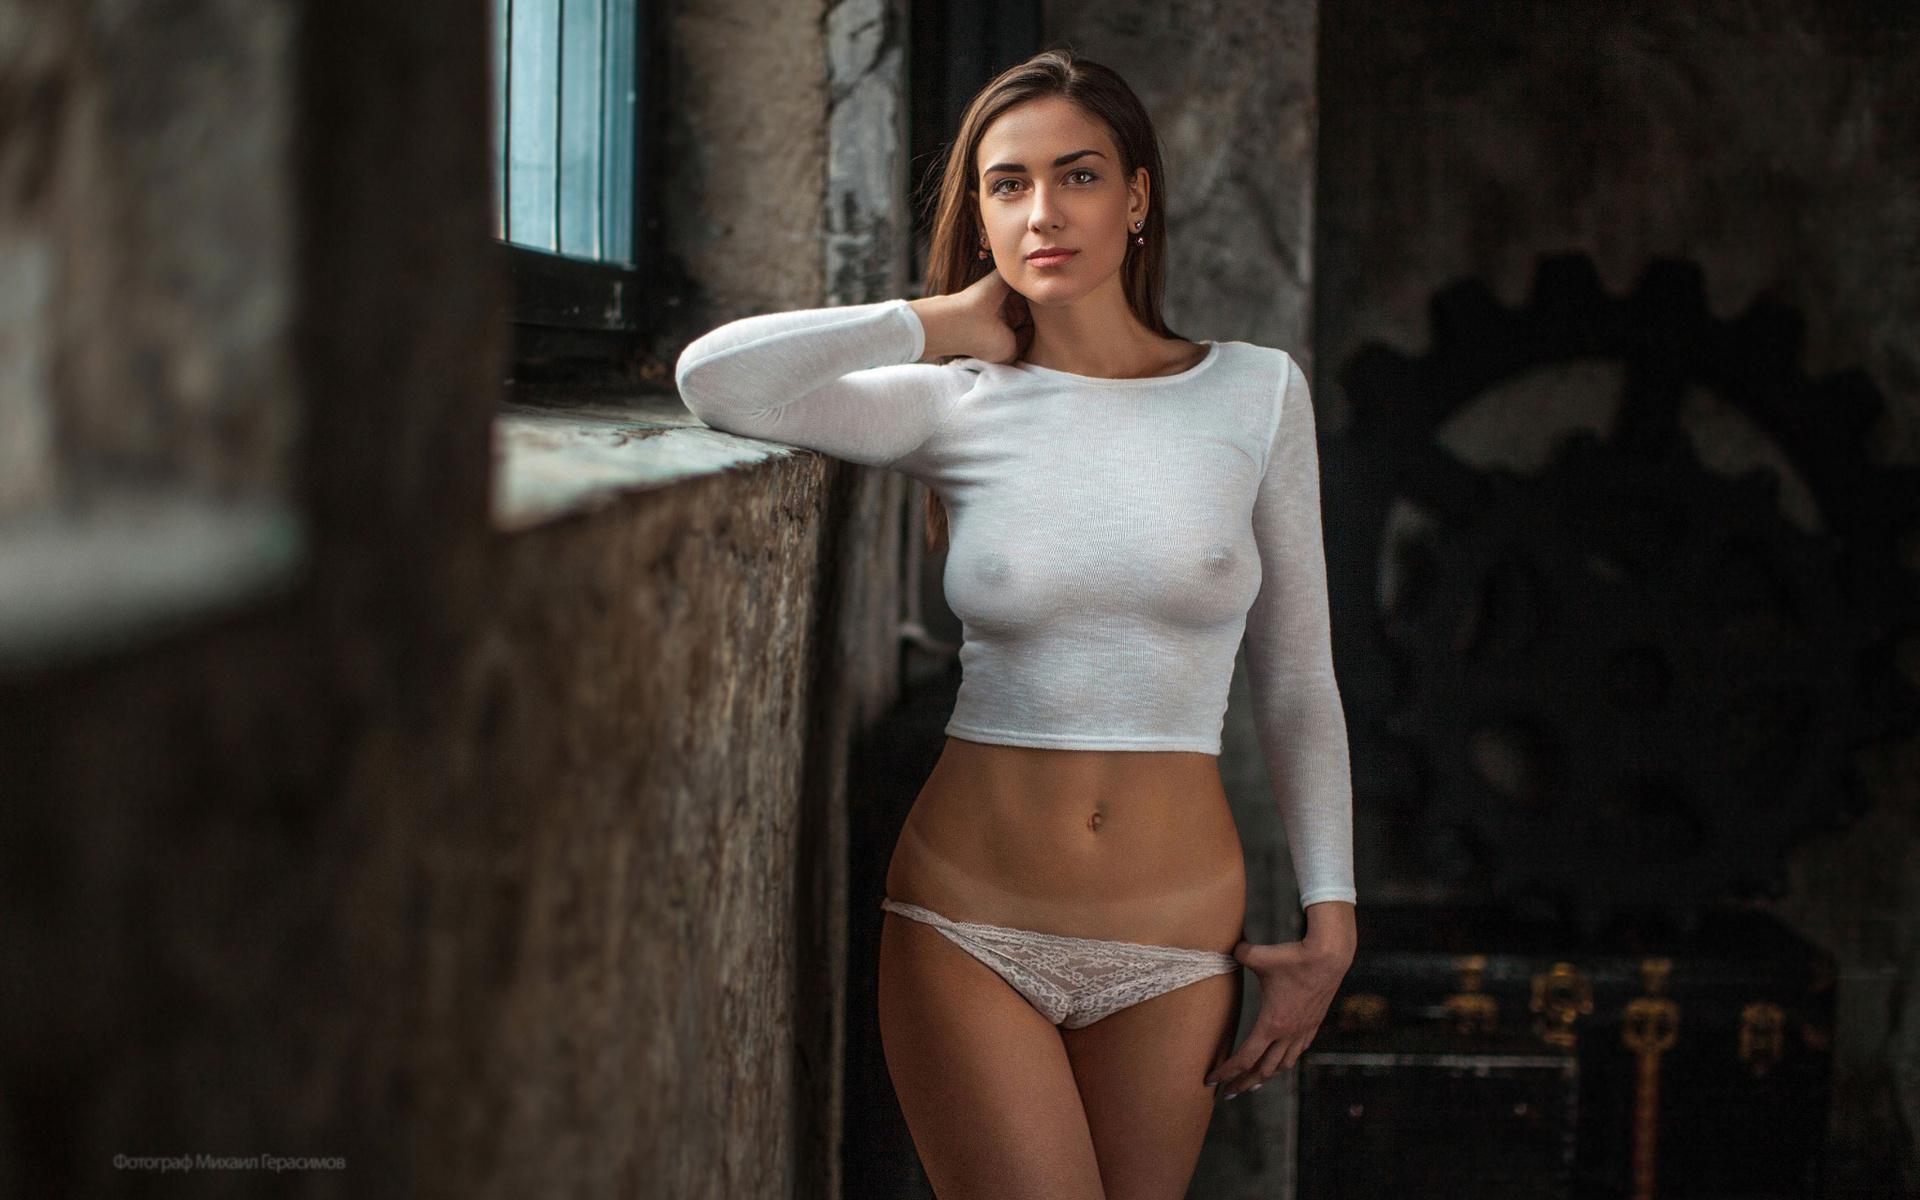 женщины без одежды и без лифчика - 12